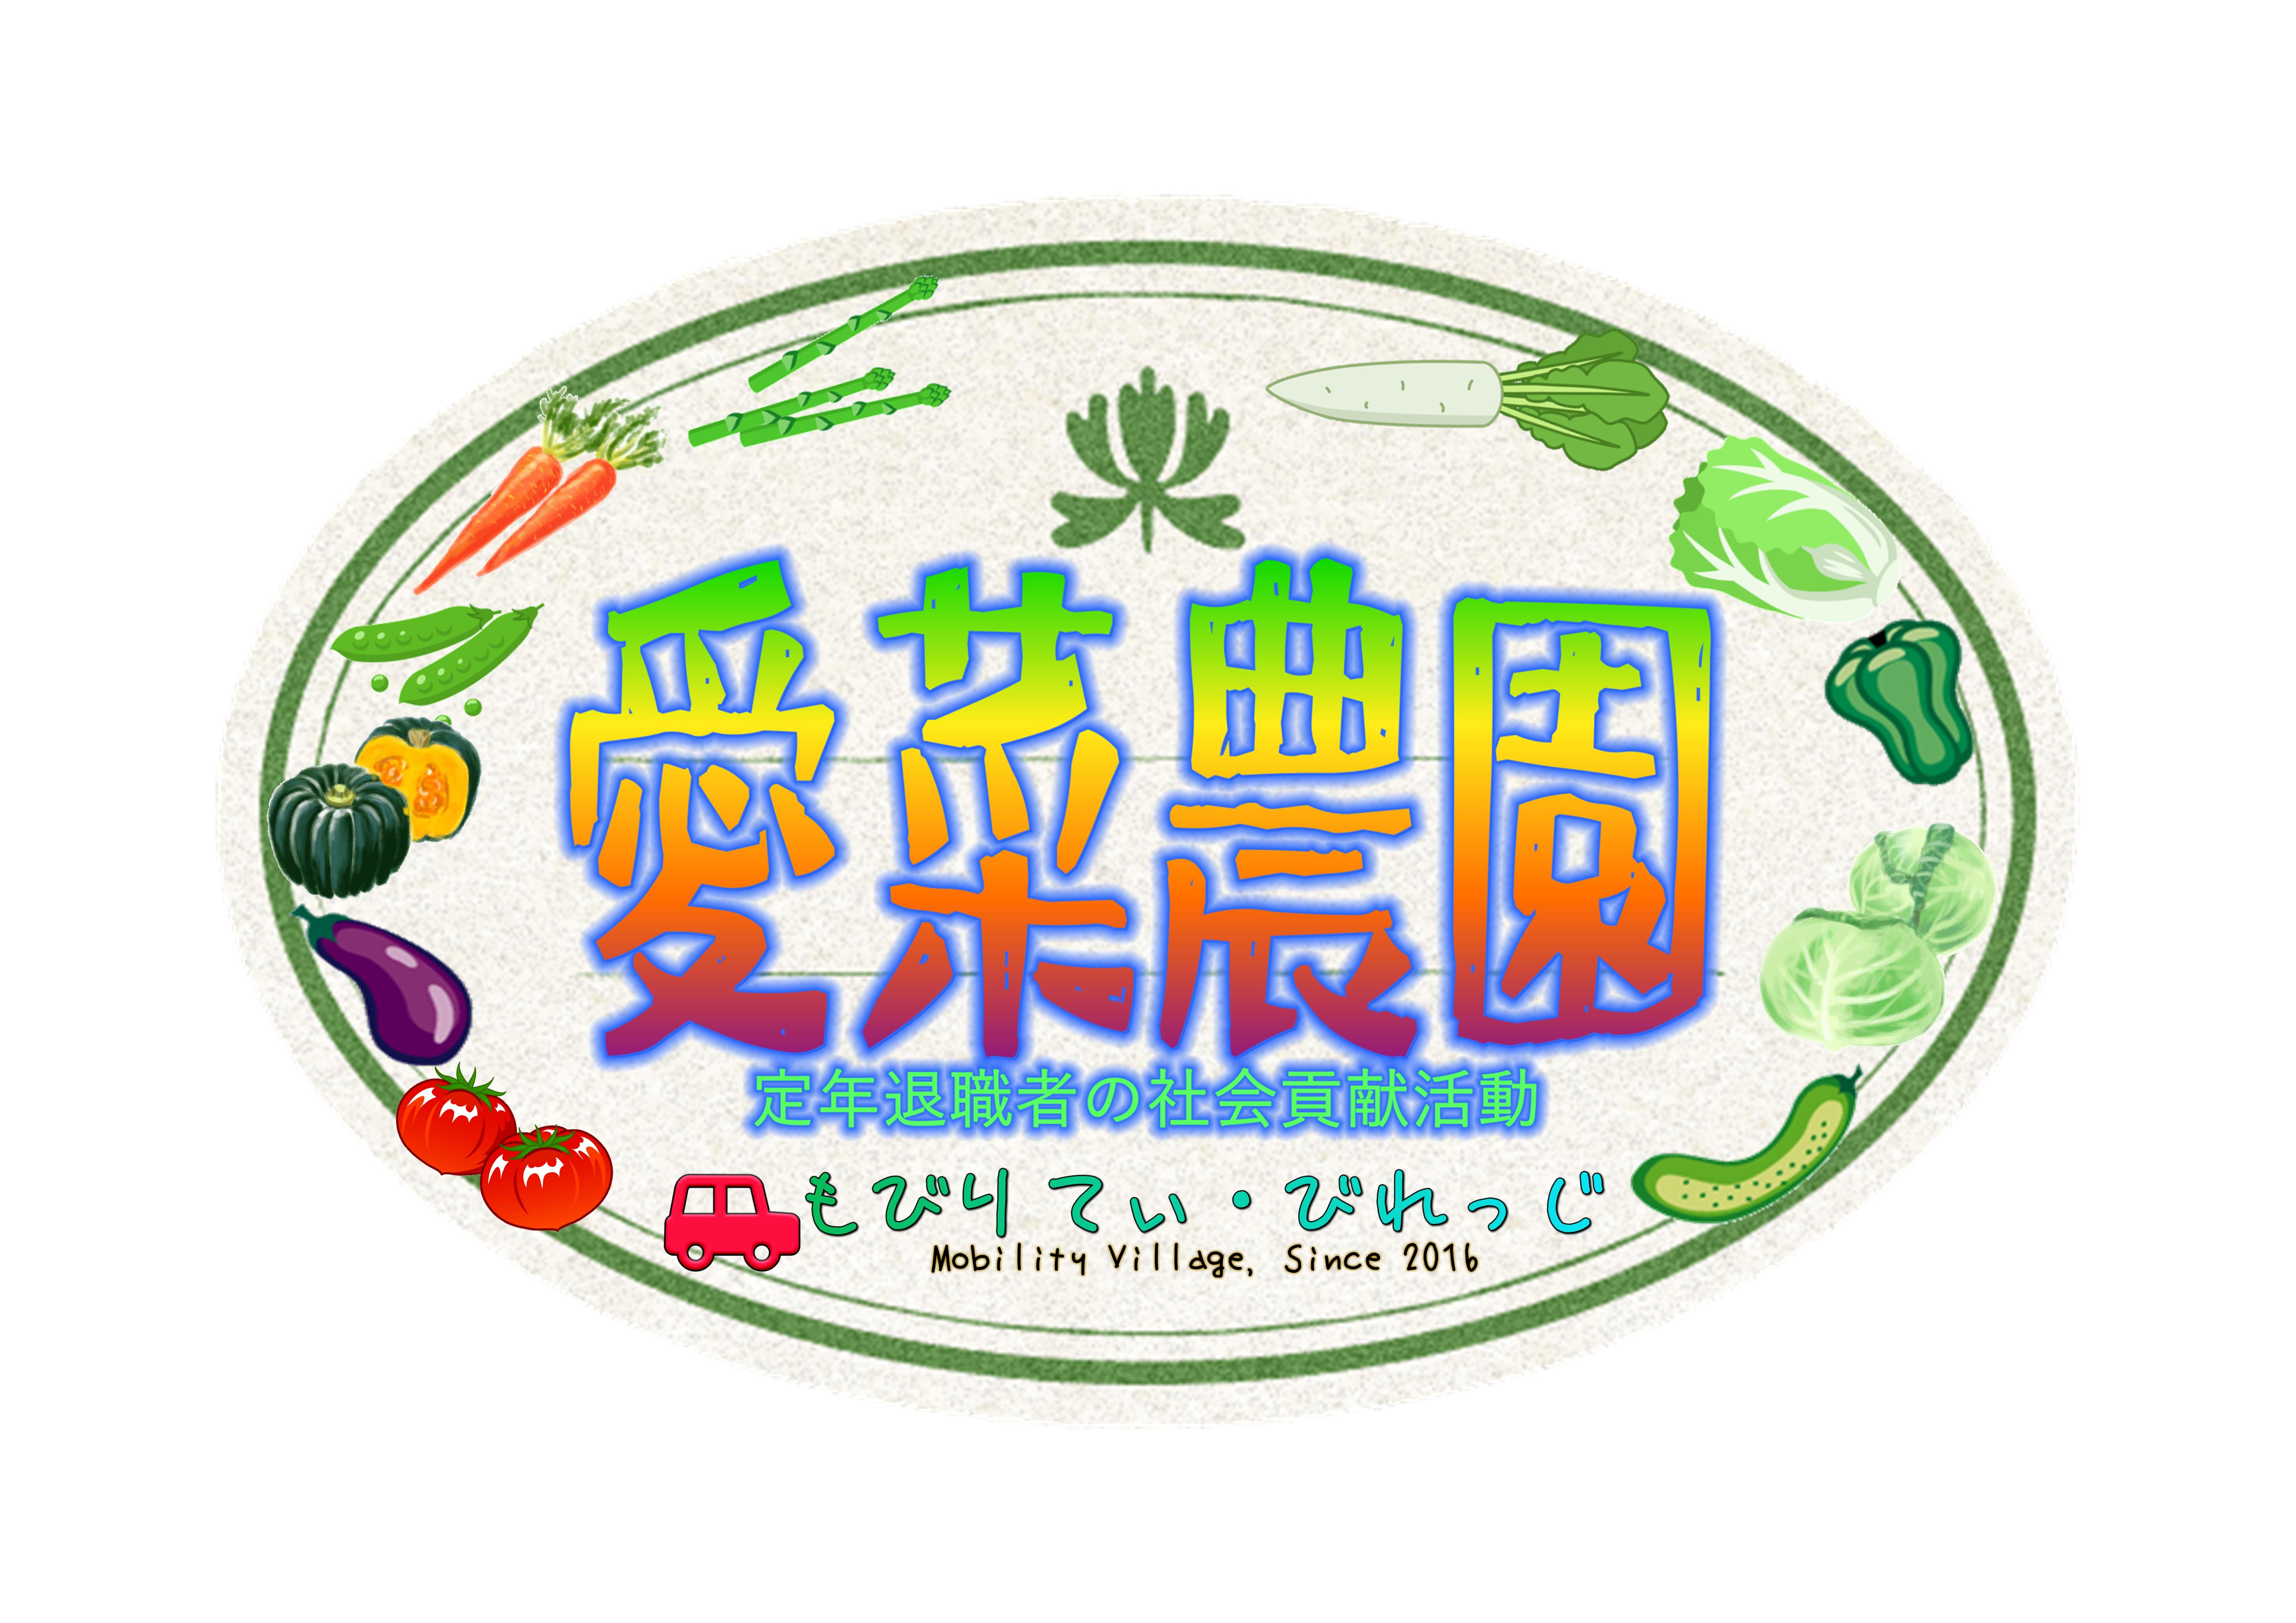 ブログはとよた愛菜農園のホームページをご覧ください